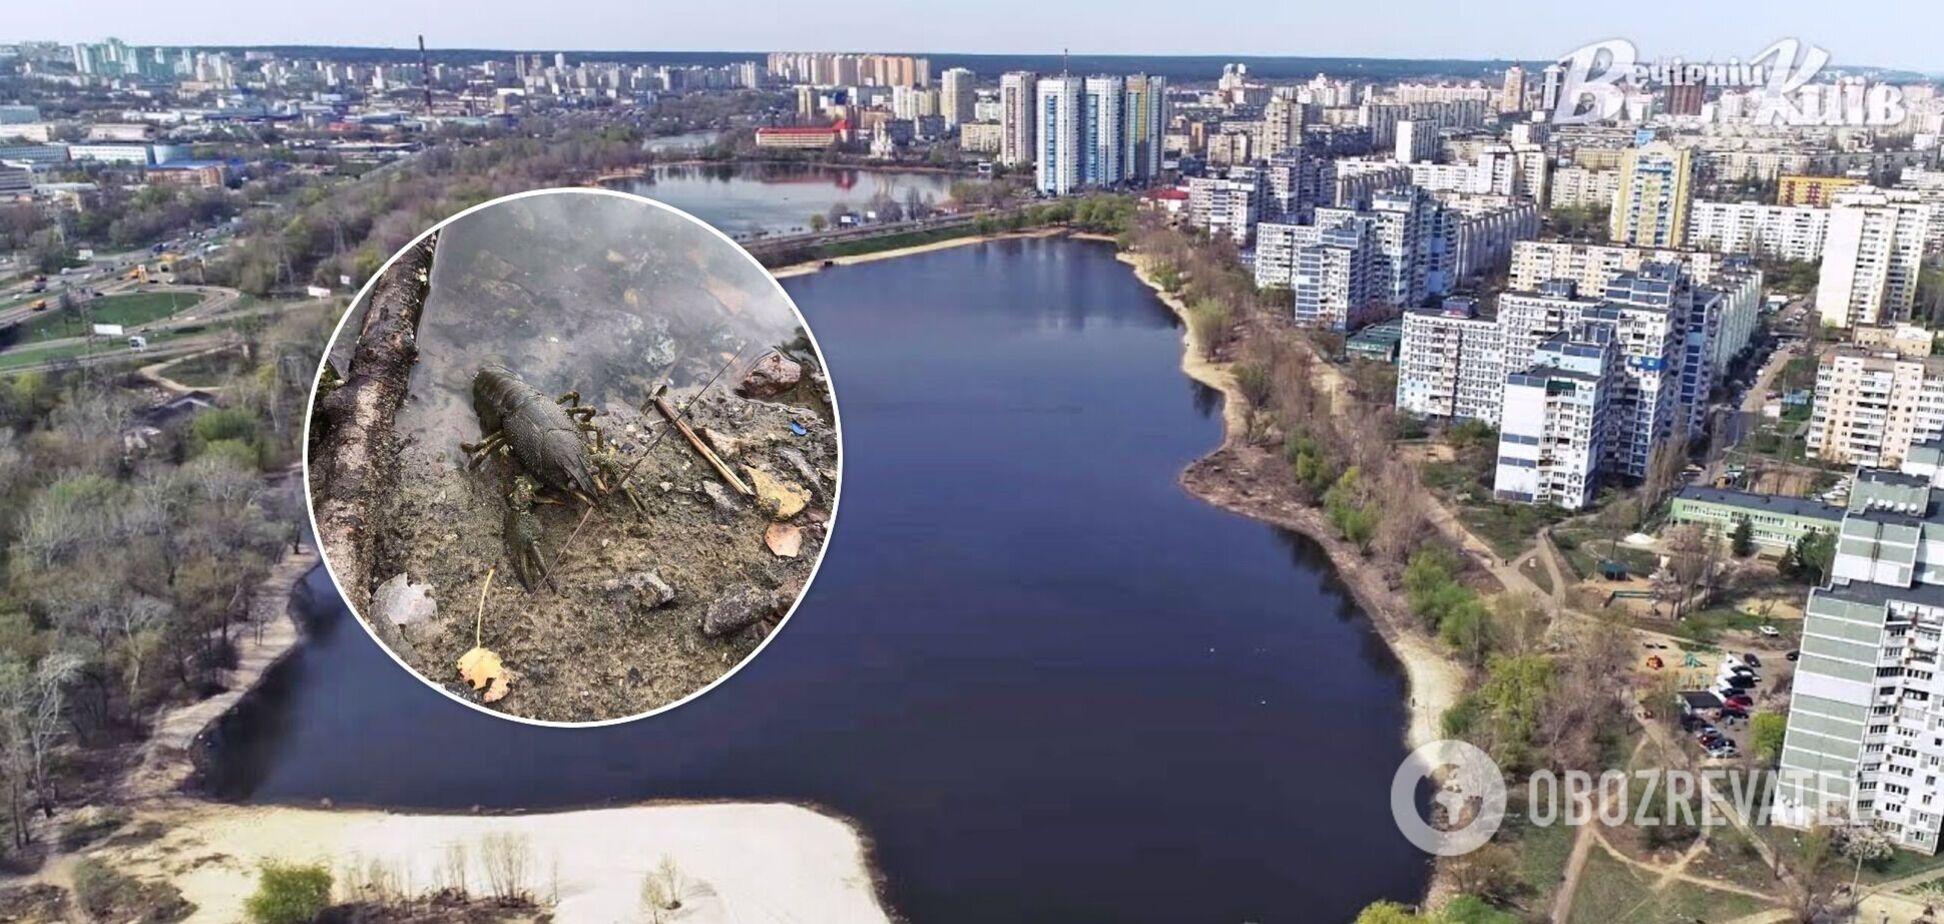 Місцеві жителі підозрюють, що в воду злили якусь хімію